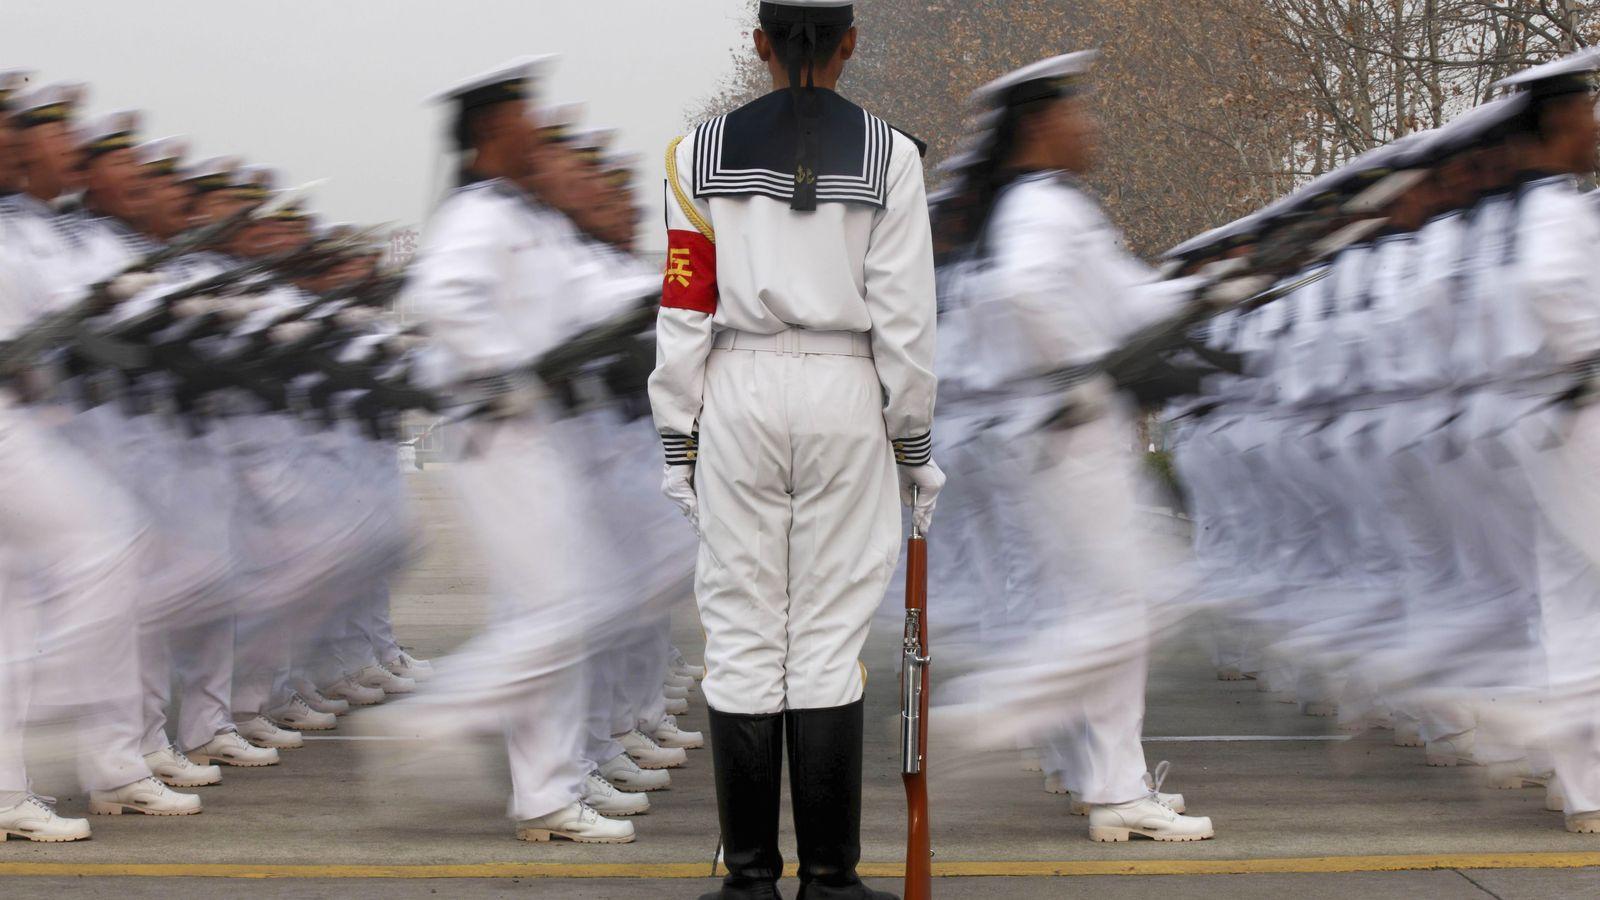 Foto: Reclutas del Ejército chino durante un desfile conmemorativo en una base militar en Qindao, en la provincia de Shandong (Reuters)